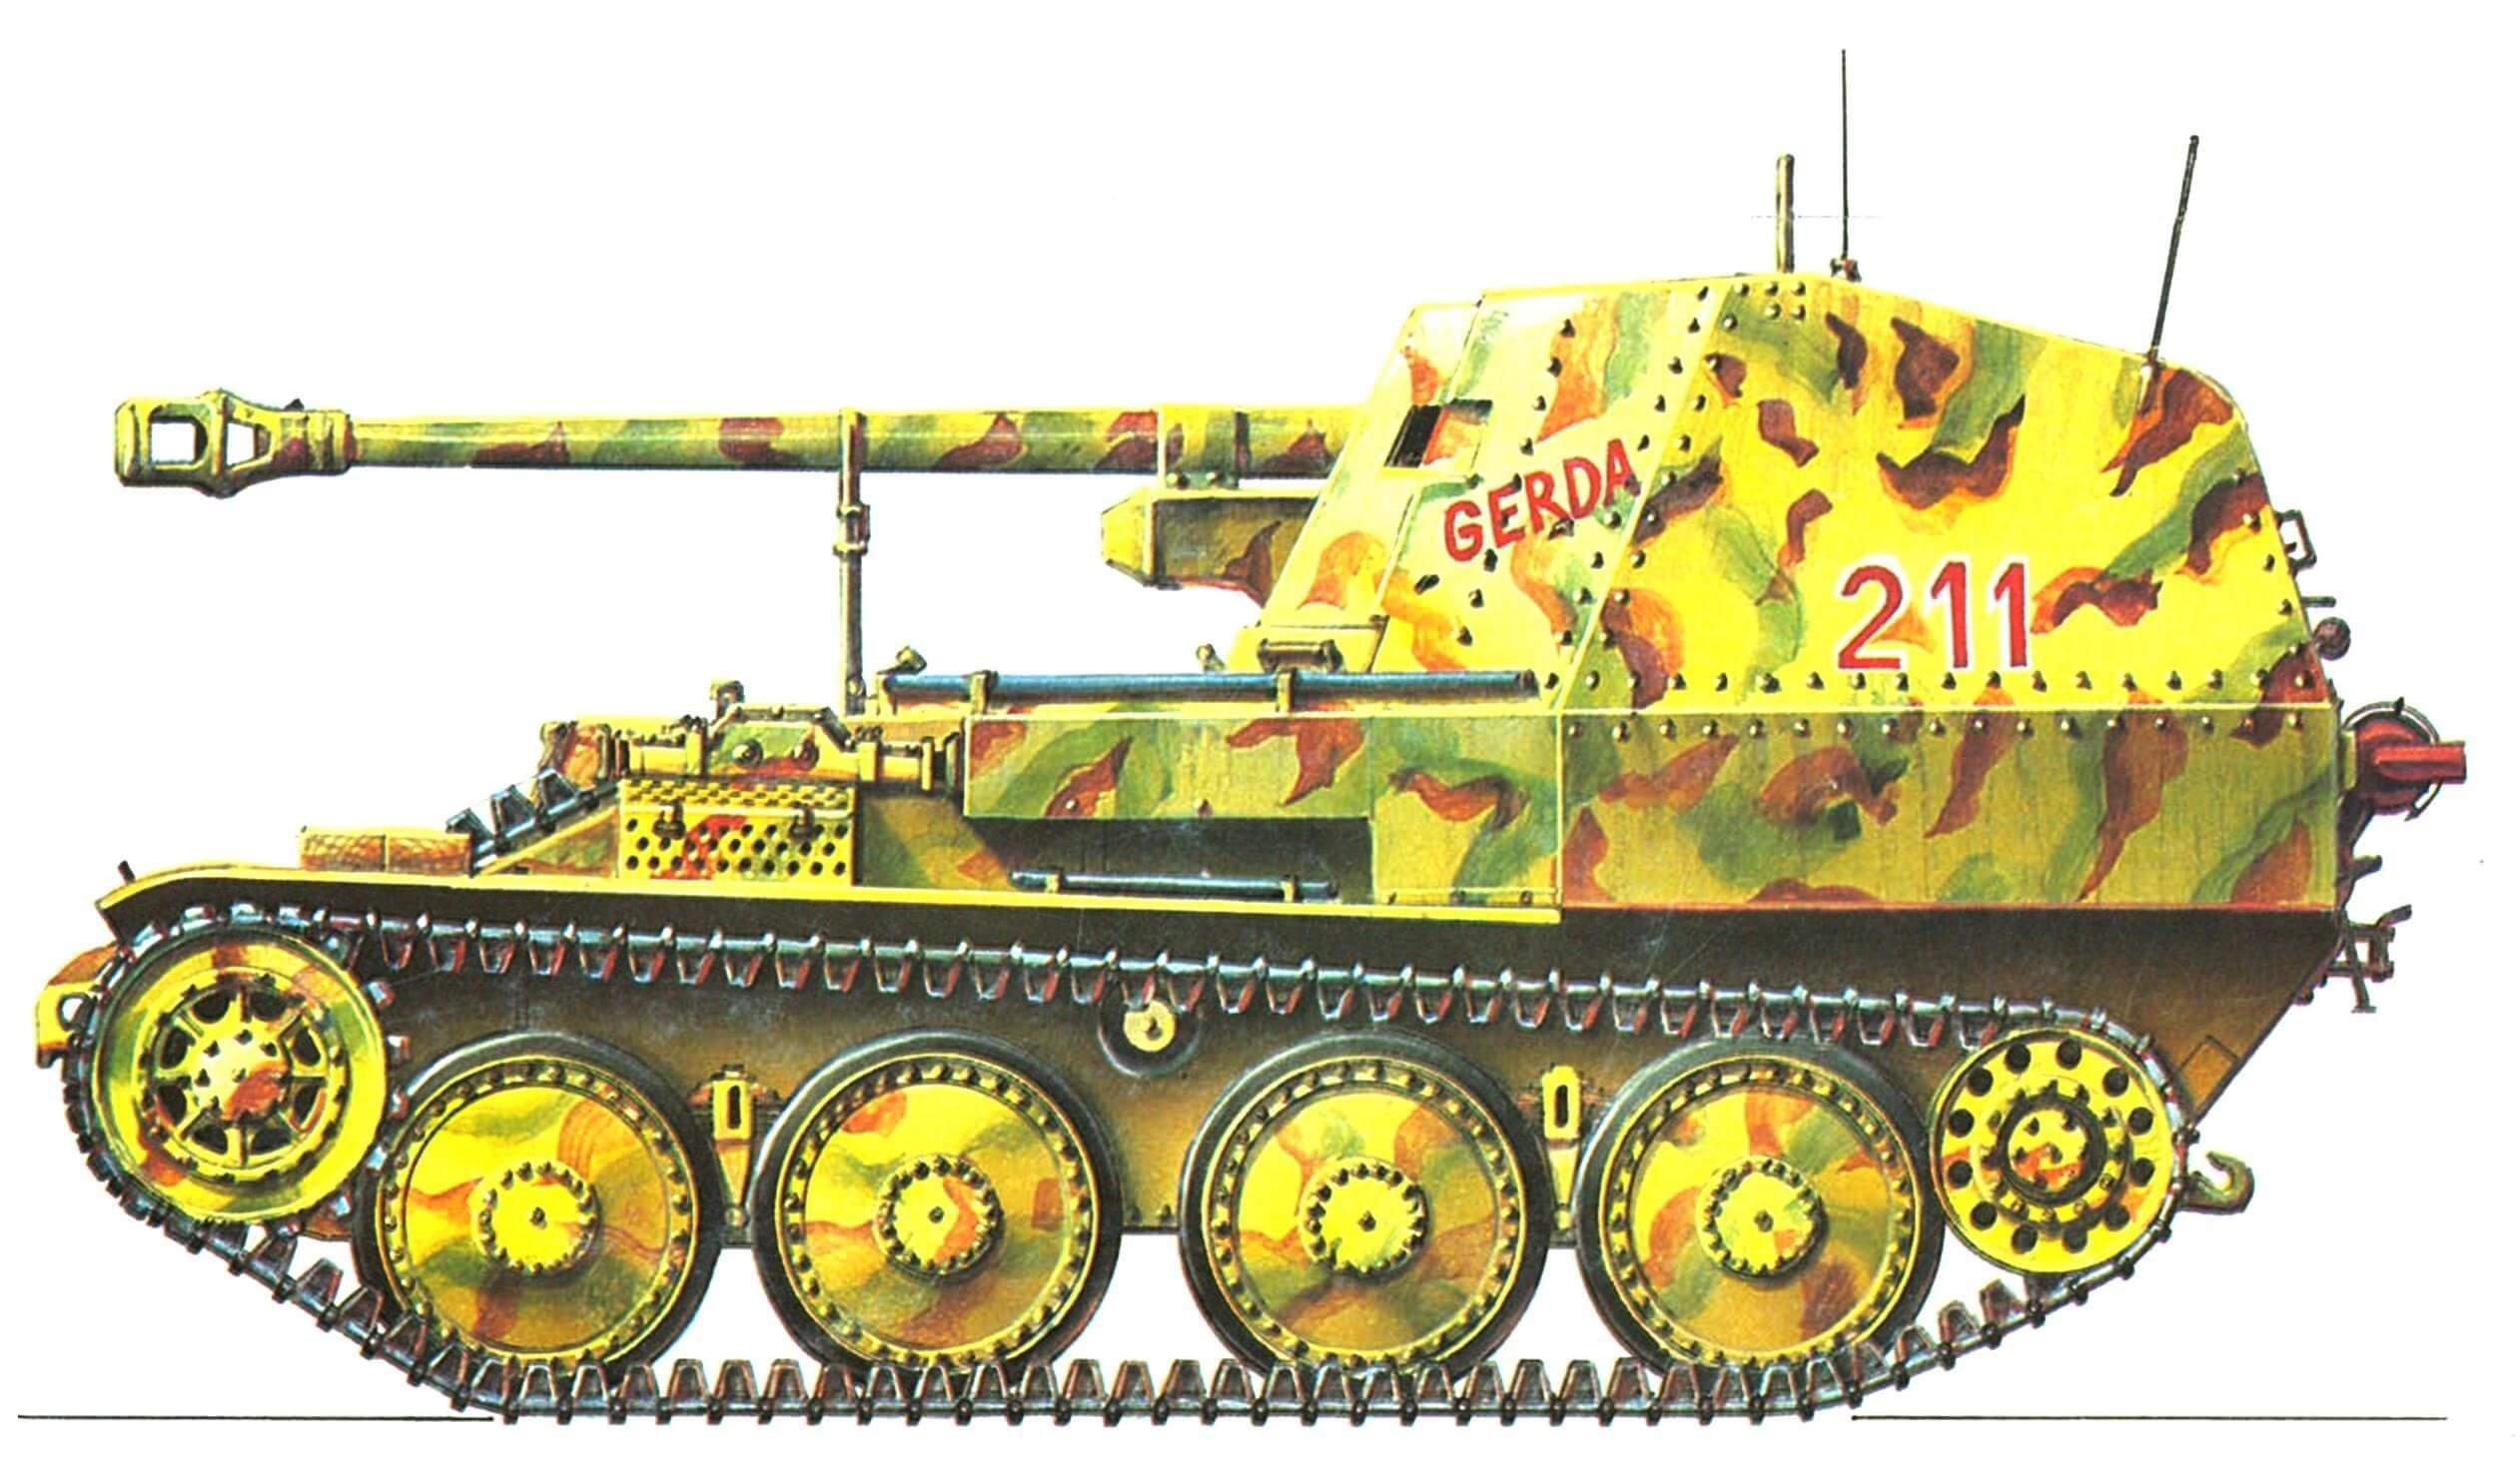 7,5 cm Pak 40 auf Pz.38(t) Marder III Ausf.M. 561-й противотанковый дивизион (Panzerjager-Abteilung 561), Восточный фронт, лето 1944 г.